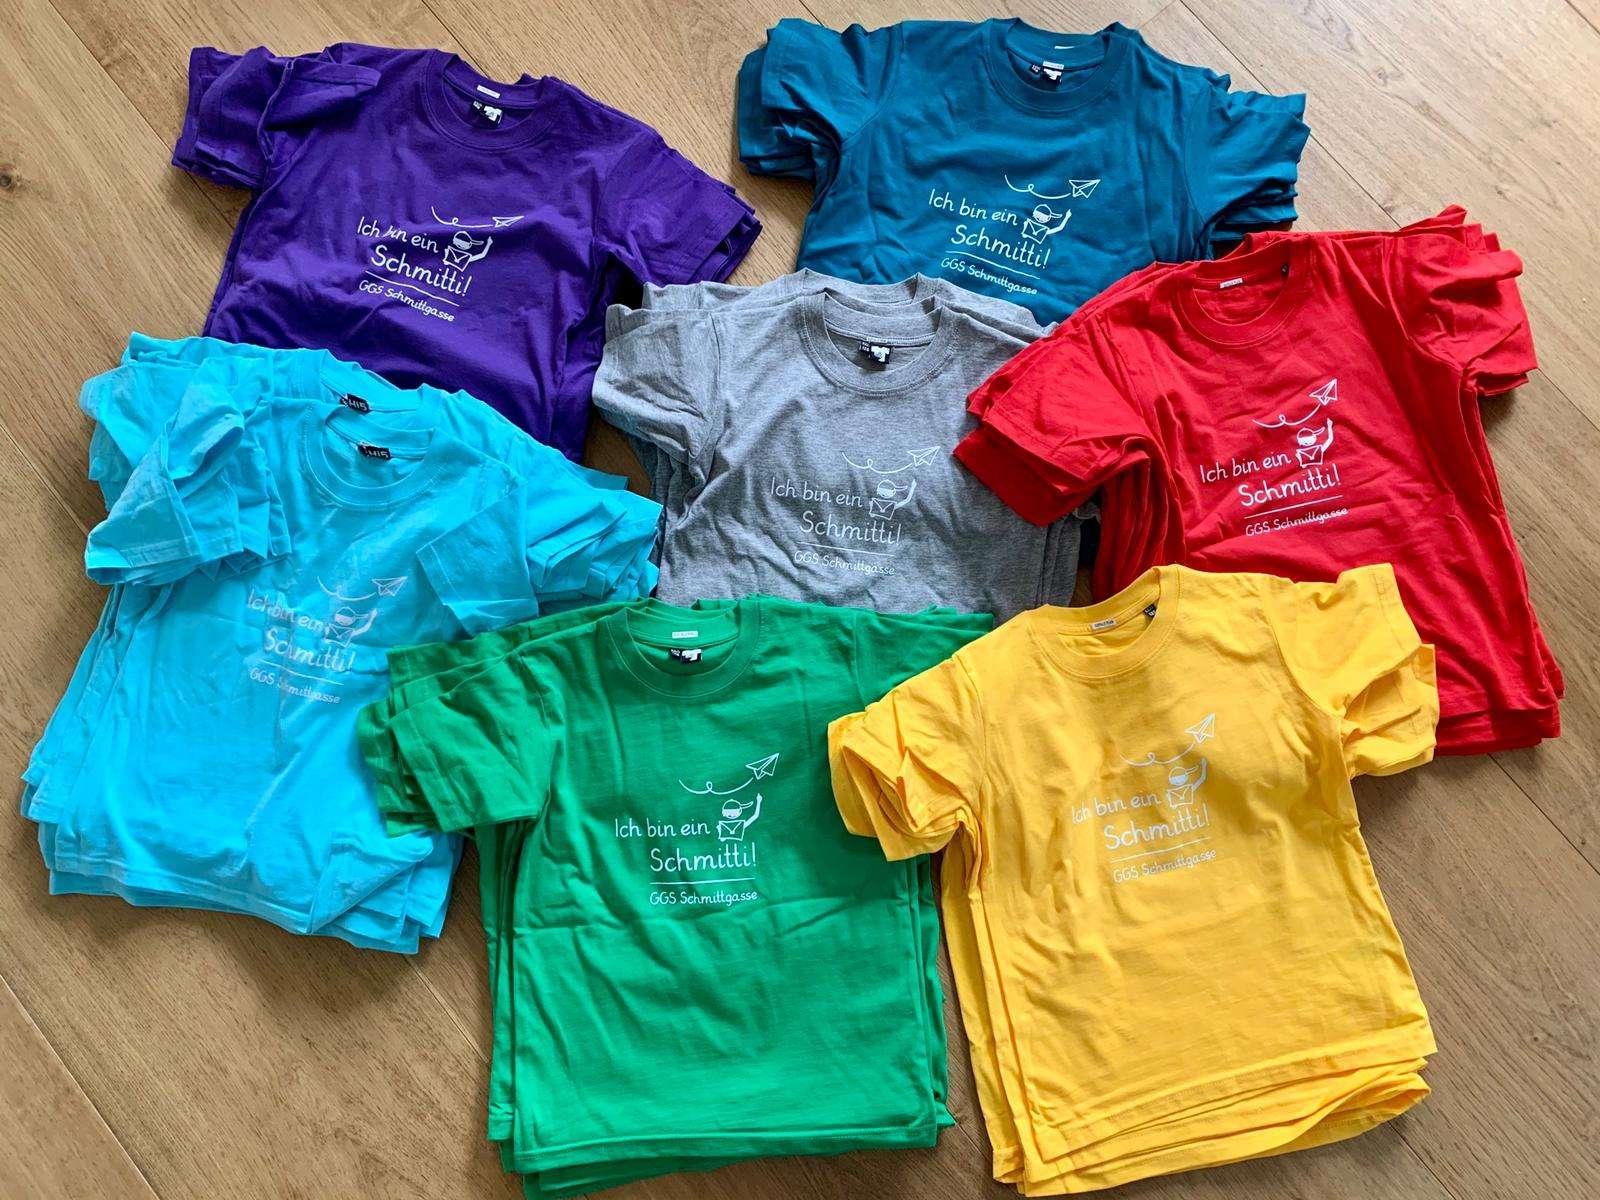 Schmitti-Schirts in sieben Farben